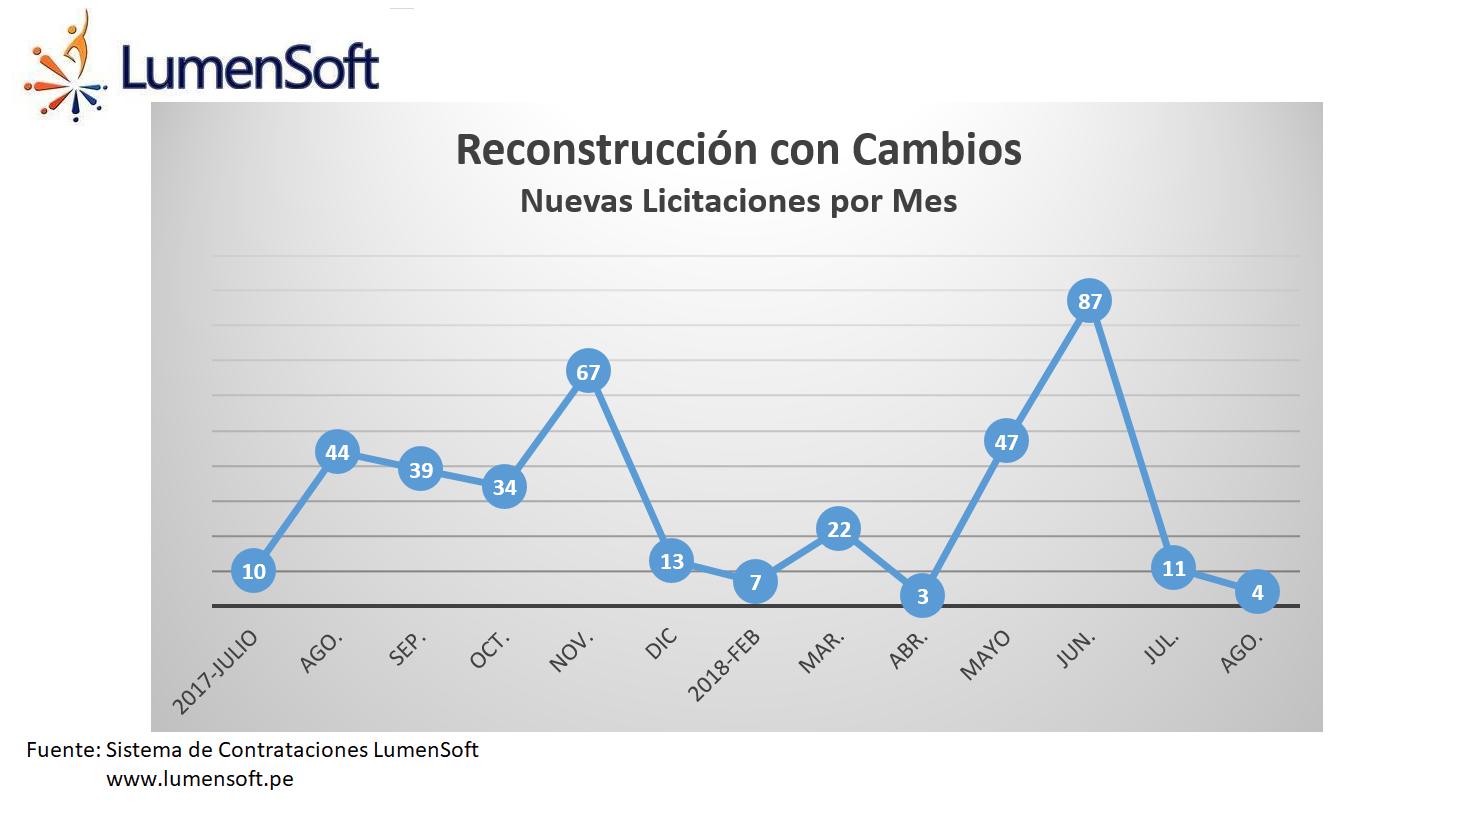 Nuevas licitaciones por mes en la Reconstrucción con Cambios